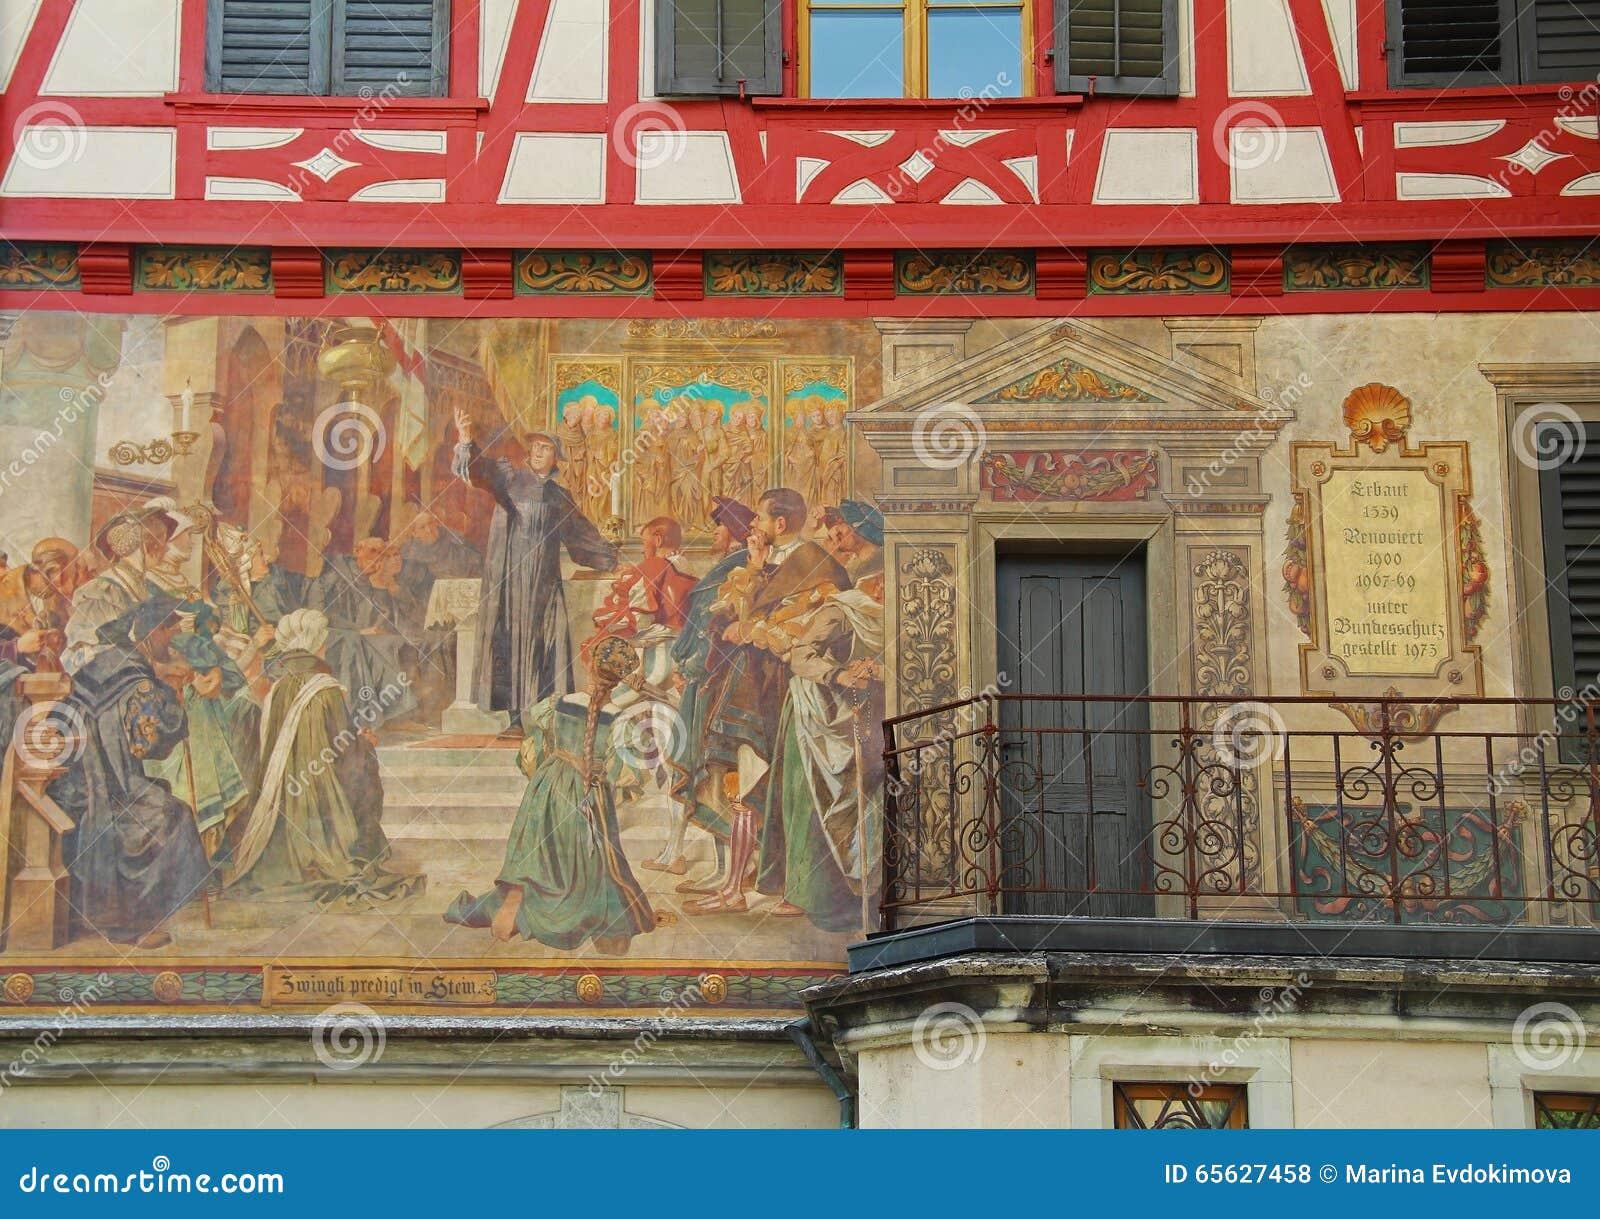 Chope en grès-être-rhein, Suisse Centre de ville médiéval